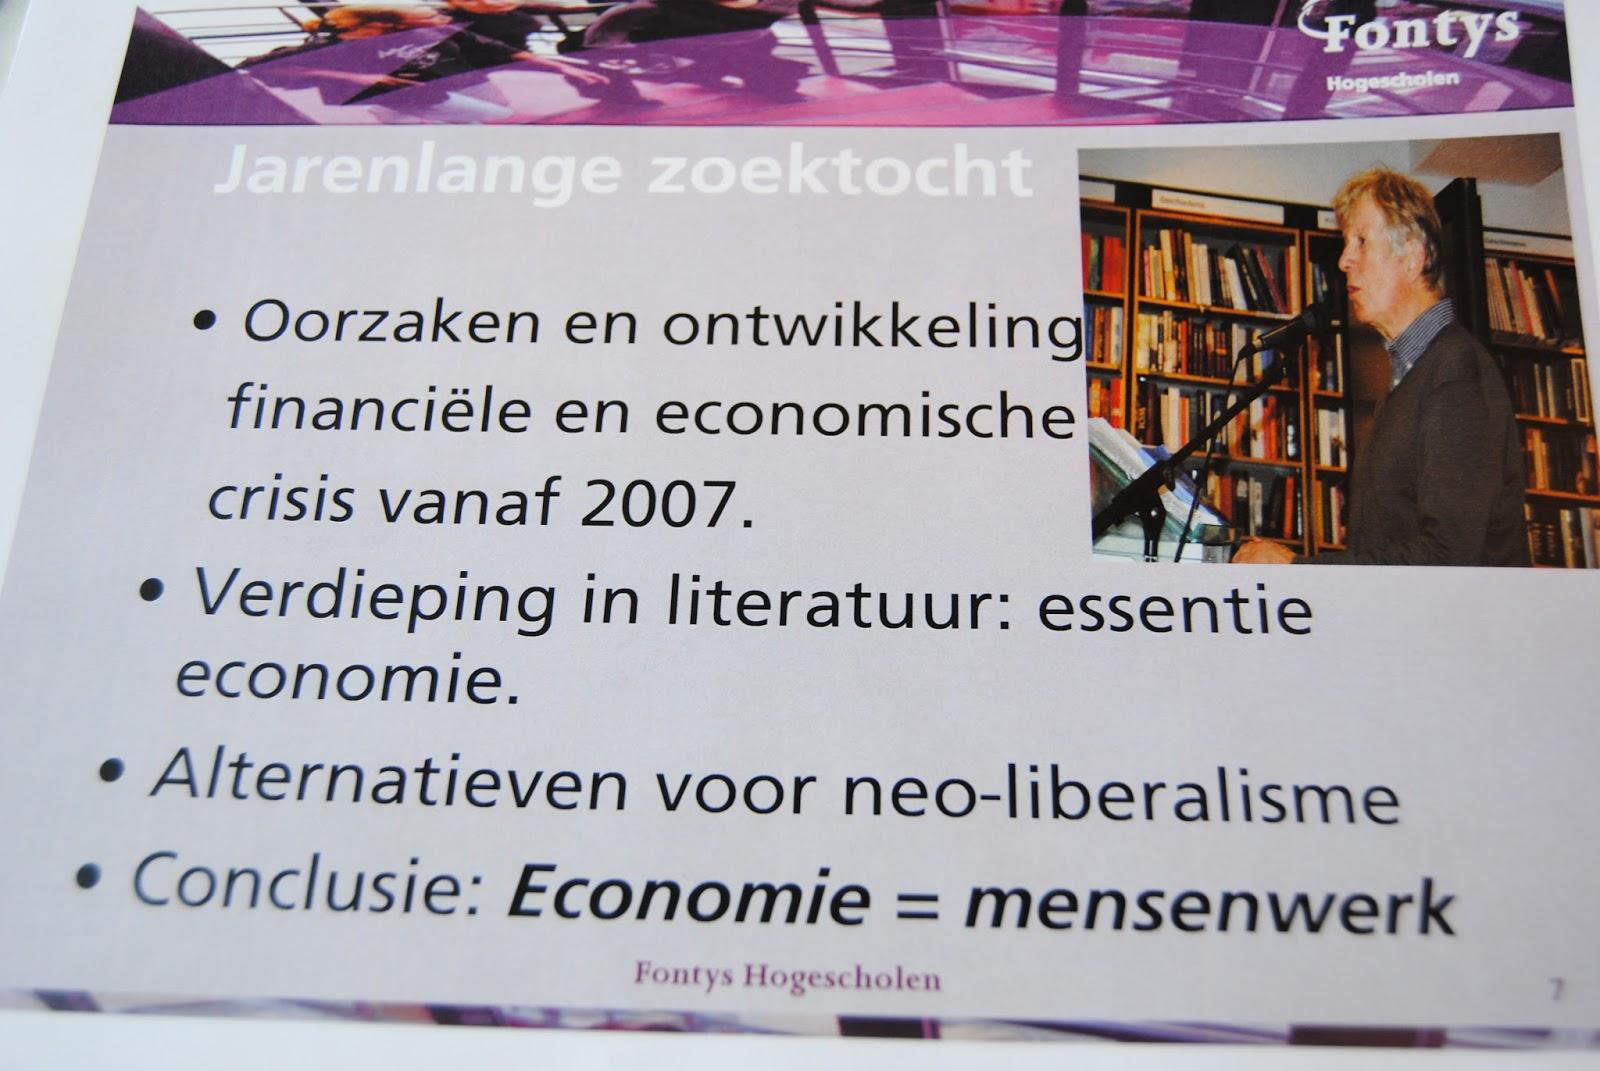 Solidaire economie boek de geschiedenis hield echter niet op te bestaan en nauwelijks twee decennia later vanaf 2008 zagen we de ineenstorting van de amerikaanse hypotheekbanken fandeluxe Images